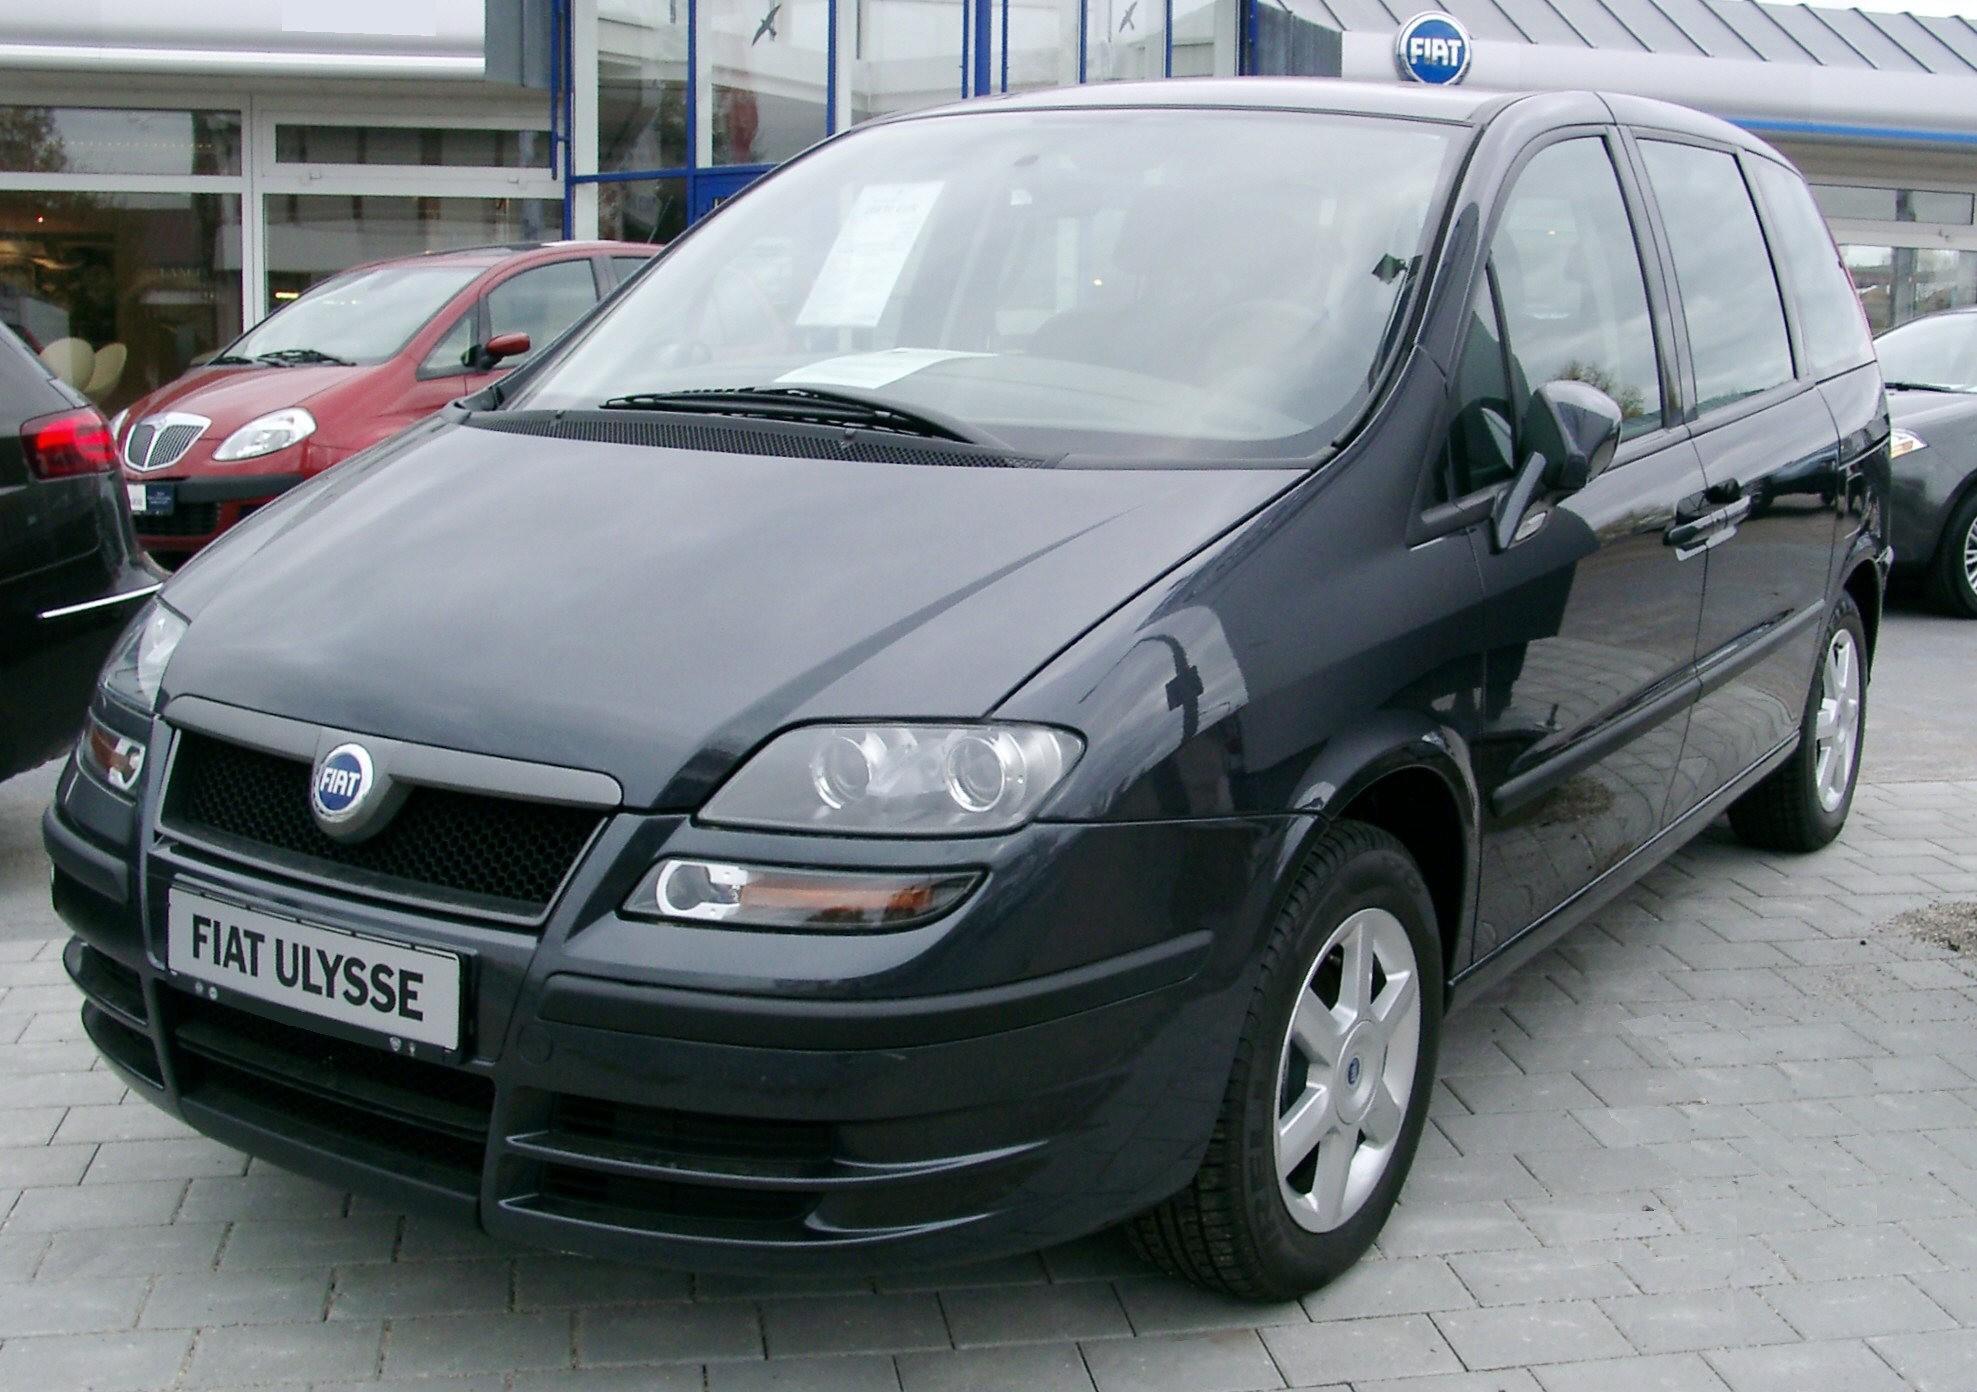 Fiat Ulysse II 2002 - 2010 Compact MPV #3